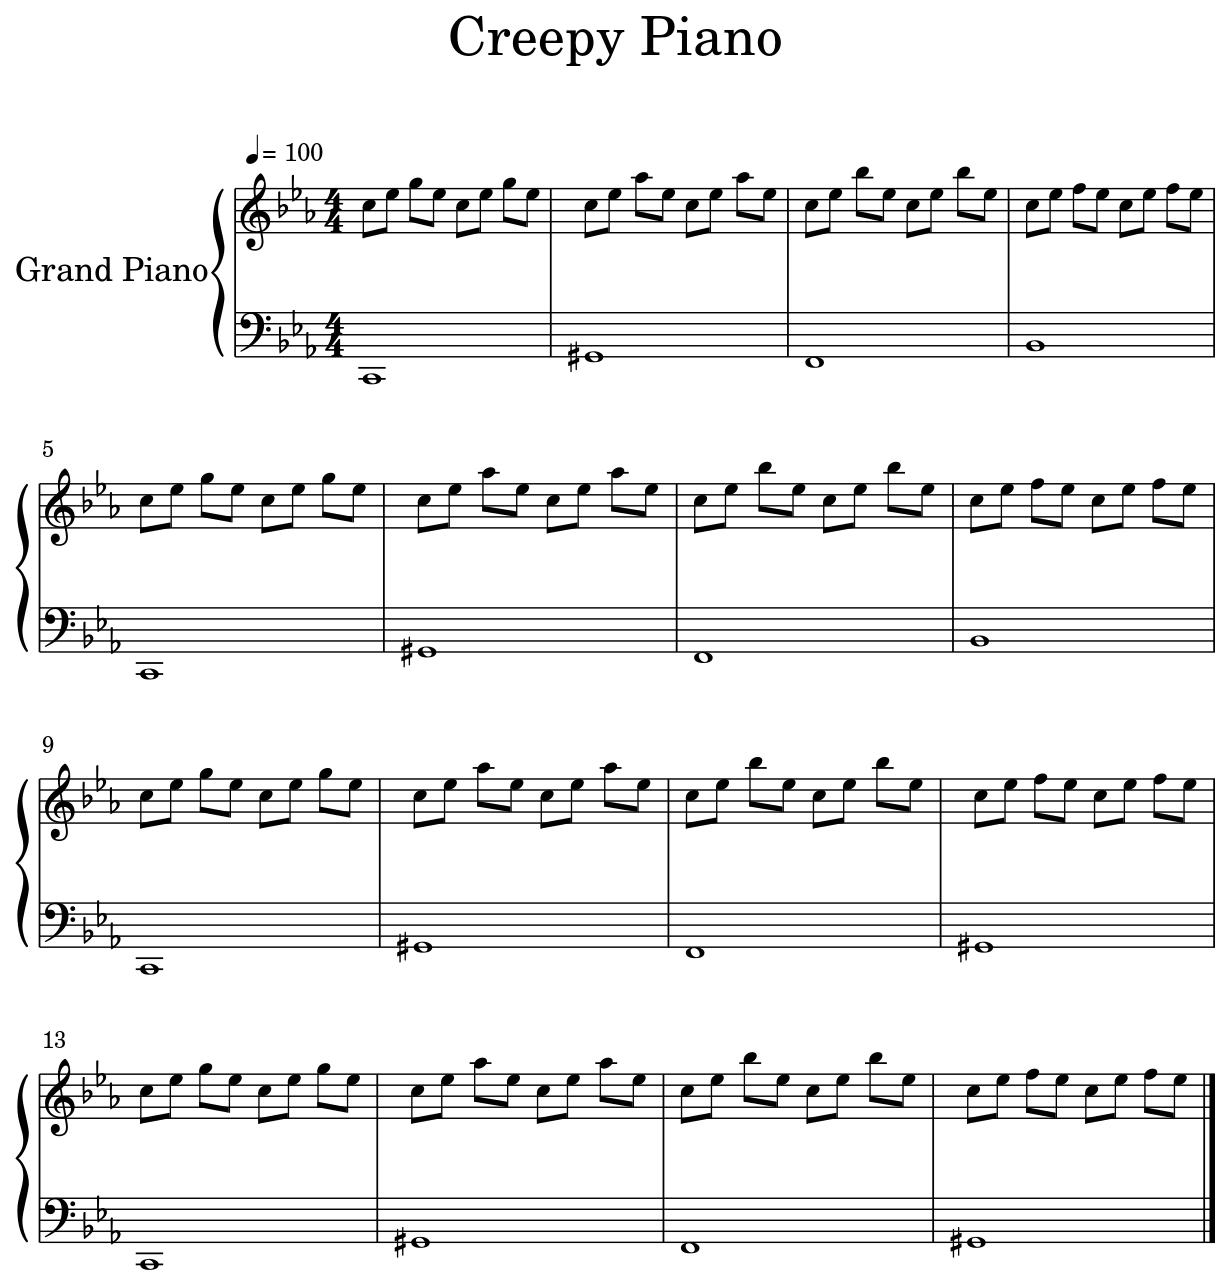 Creepy Piano - Flat